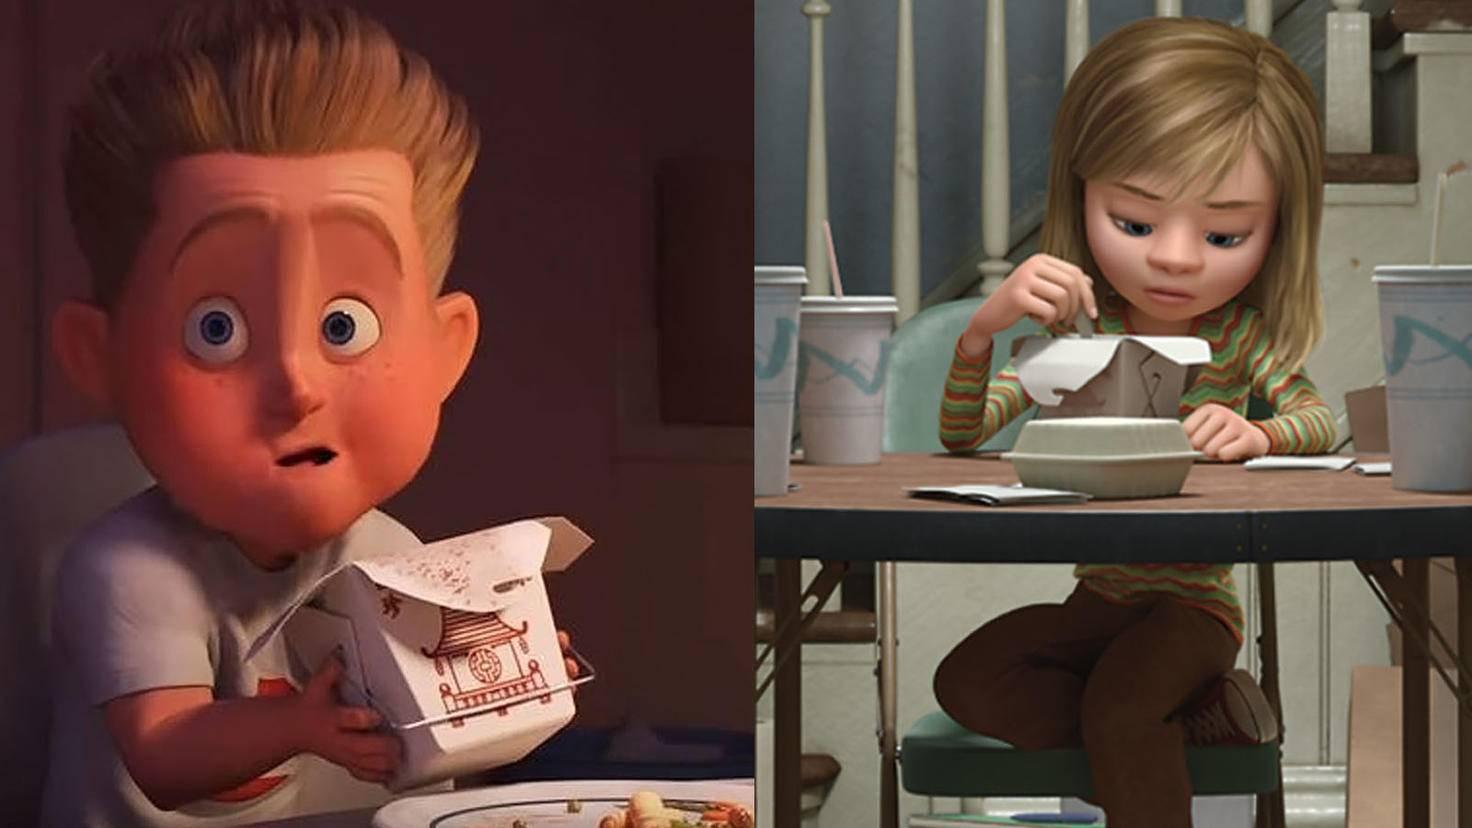 Die-Unglaublichen-2-China-Takeaway-Youtube-Disney-Pixar-Alles steht Kopf-Disney Pixar